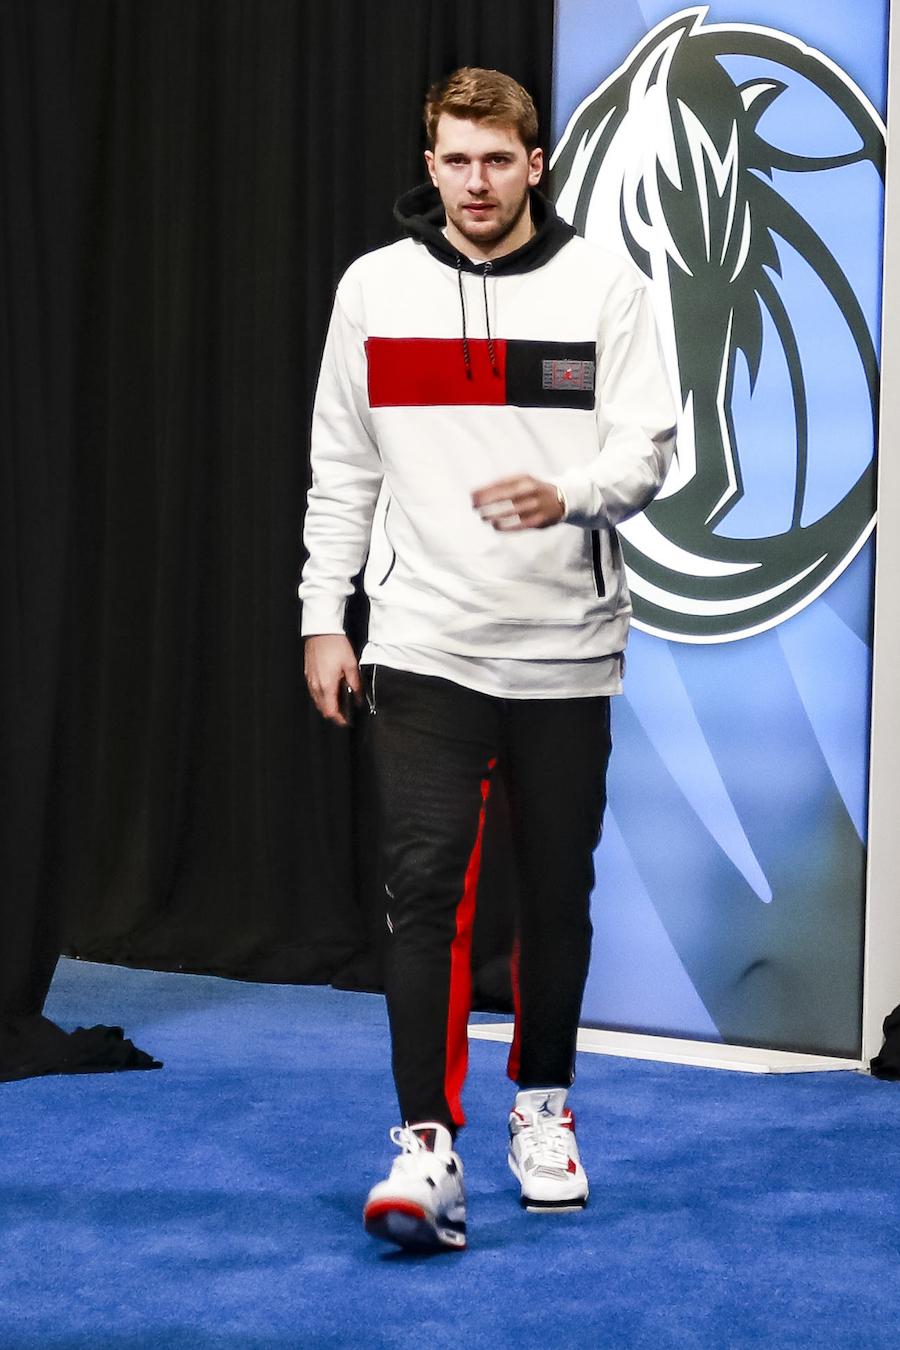 Jordan Brand Signs Luka Doncic